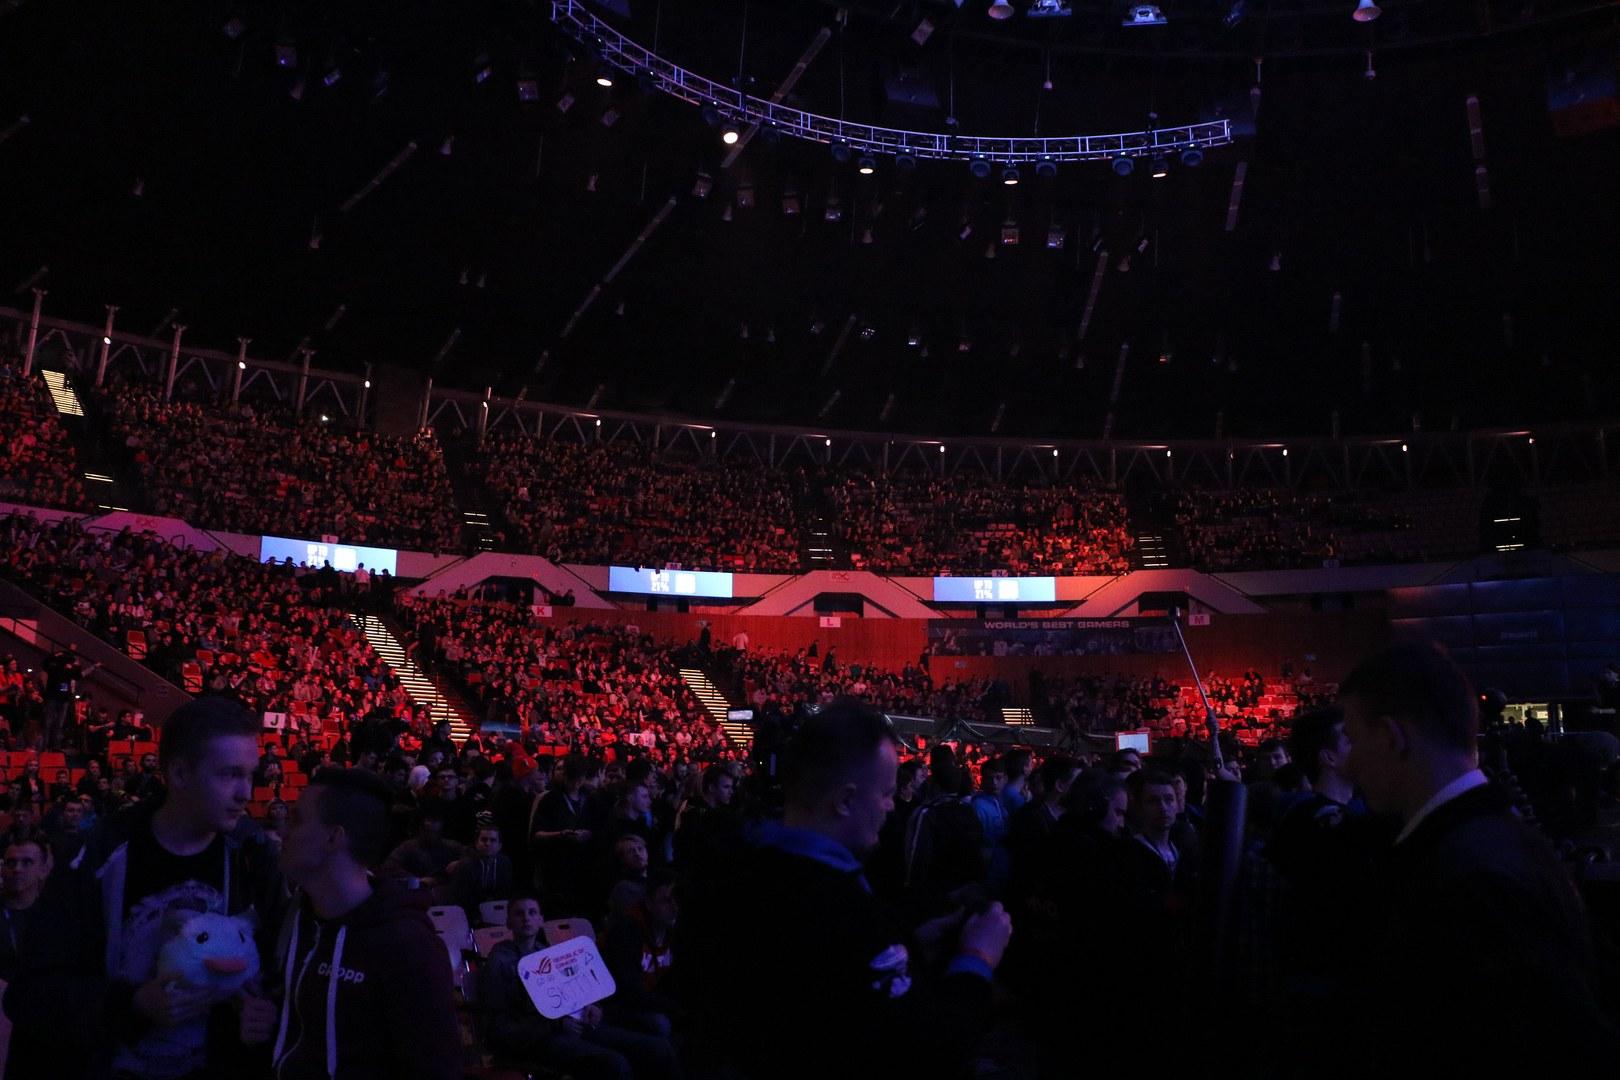 Atmosféra byla famózní!